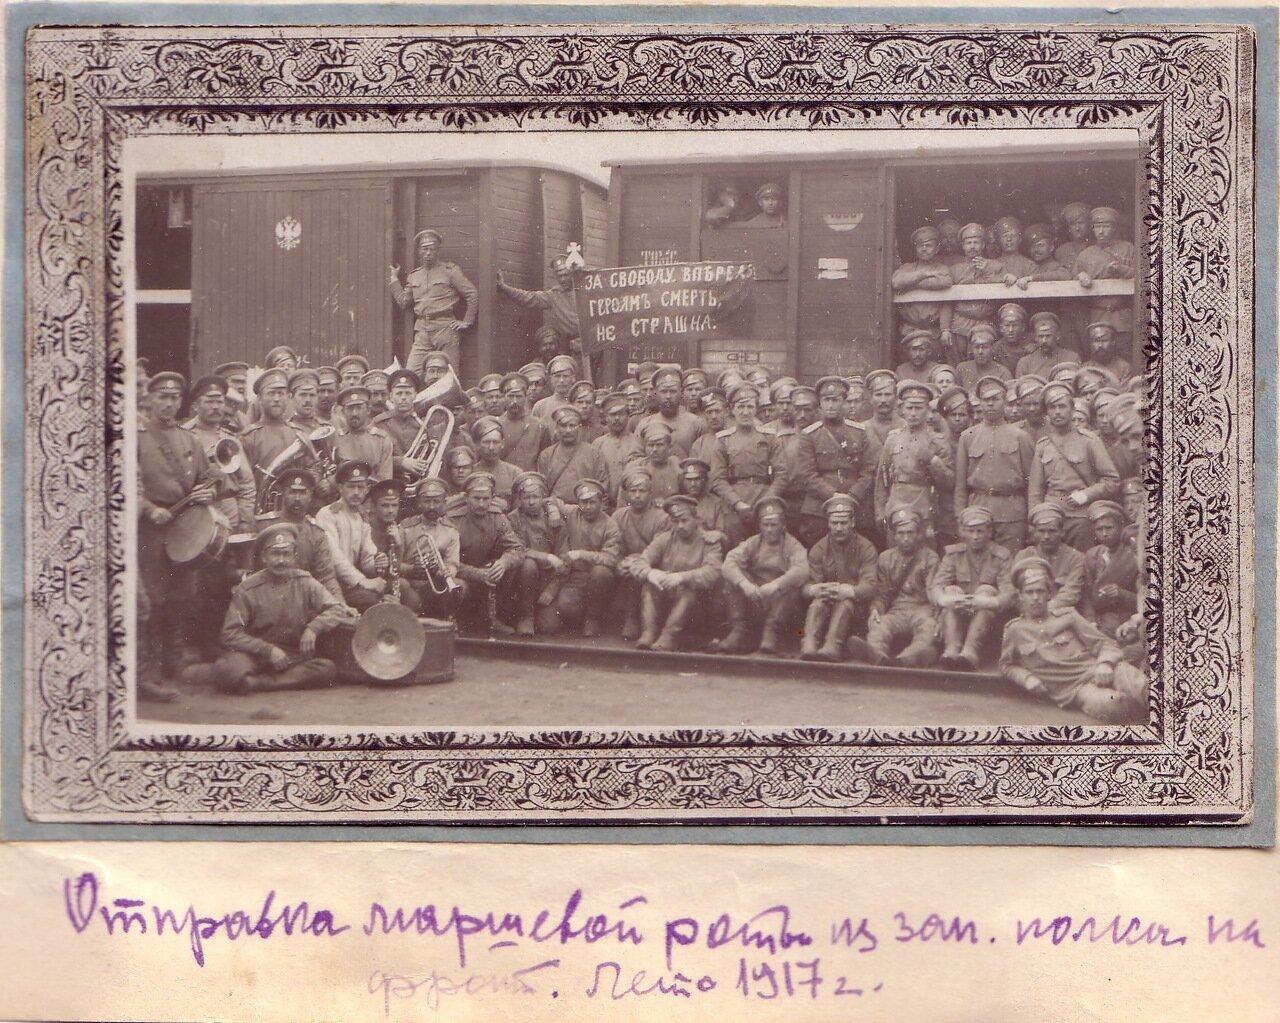 Отправка маршевой роты из запасного полка на фронт. Лето 1917